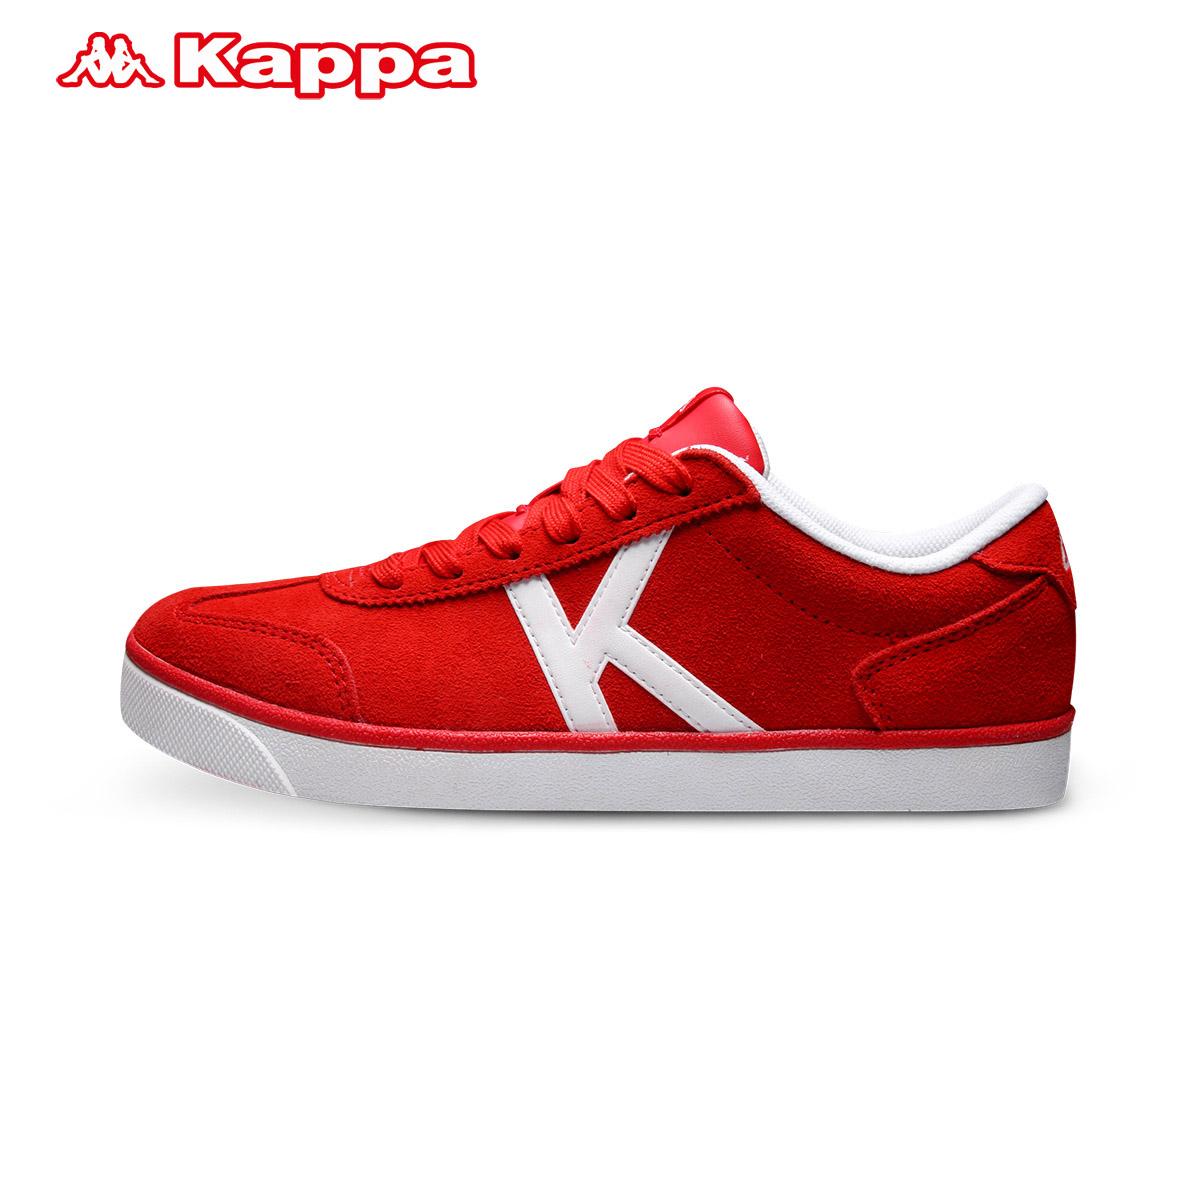 Kappa女子复古板鞋低帮女款翻毛休闲鞋 运动鞋|K0525CC01